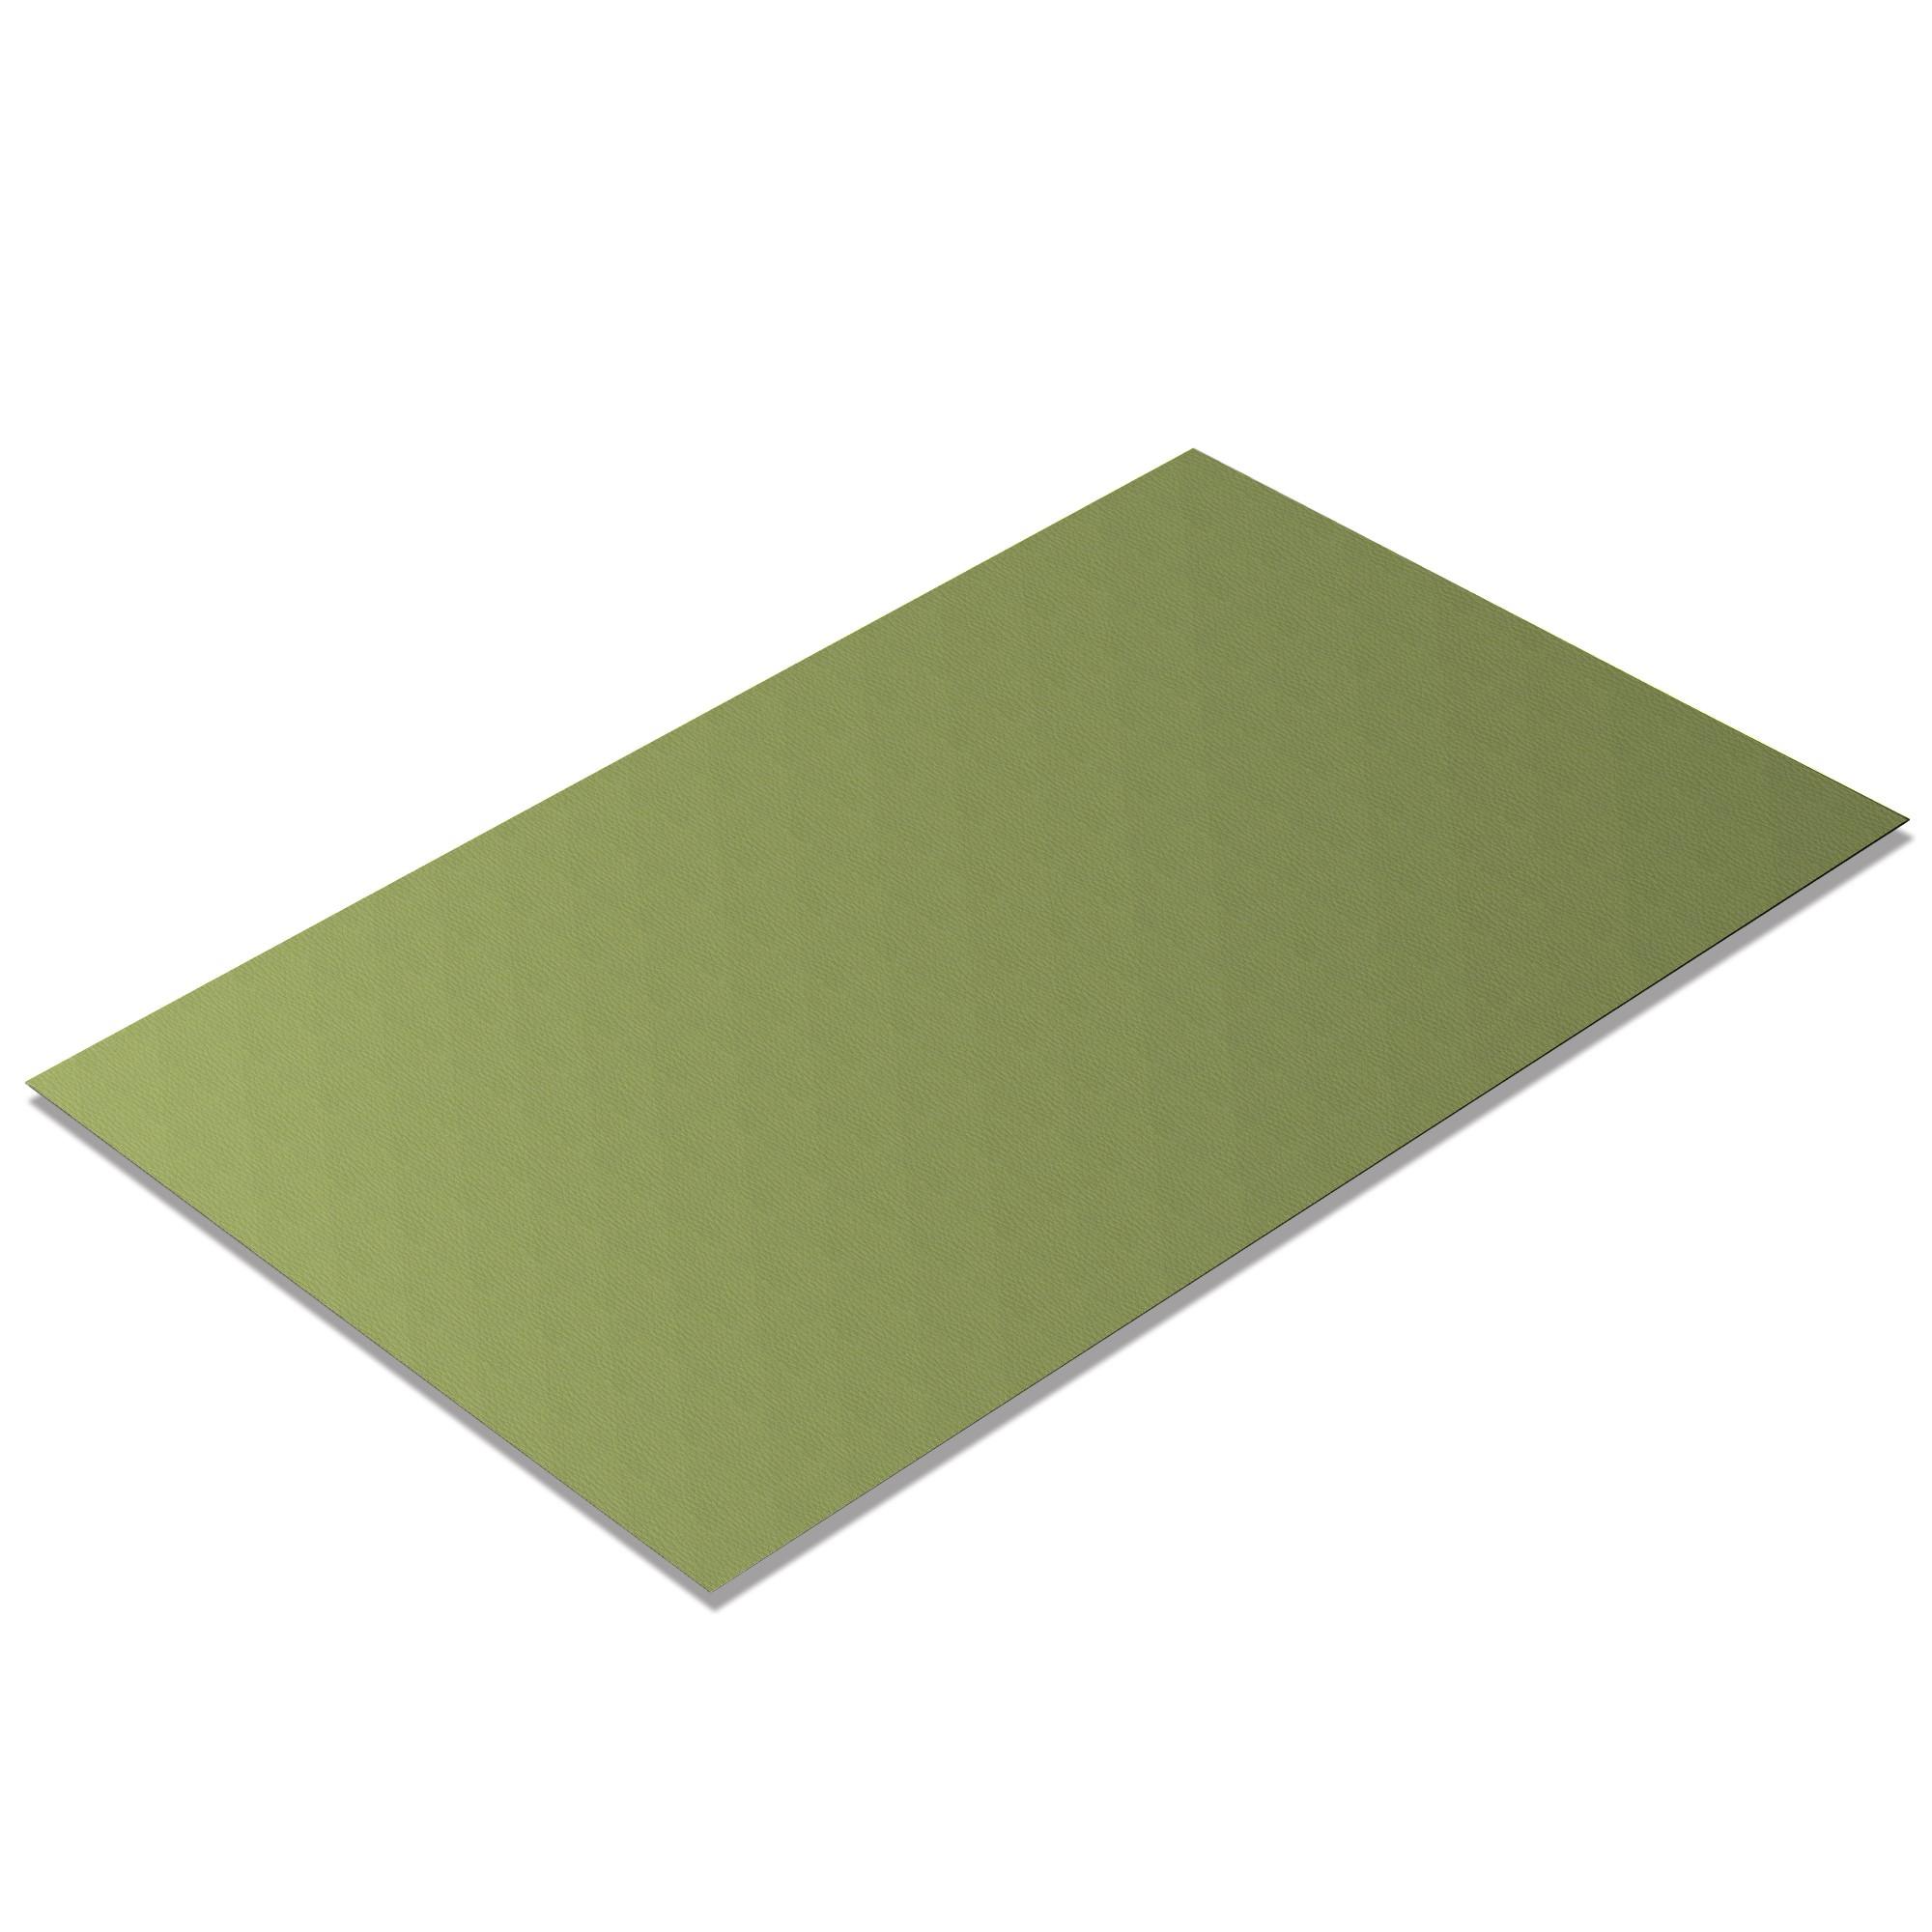 Kunstleder Meterware Nevada Olivgrün [NEV896]